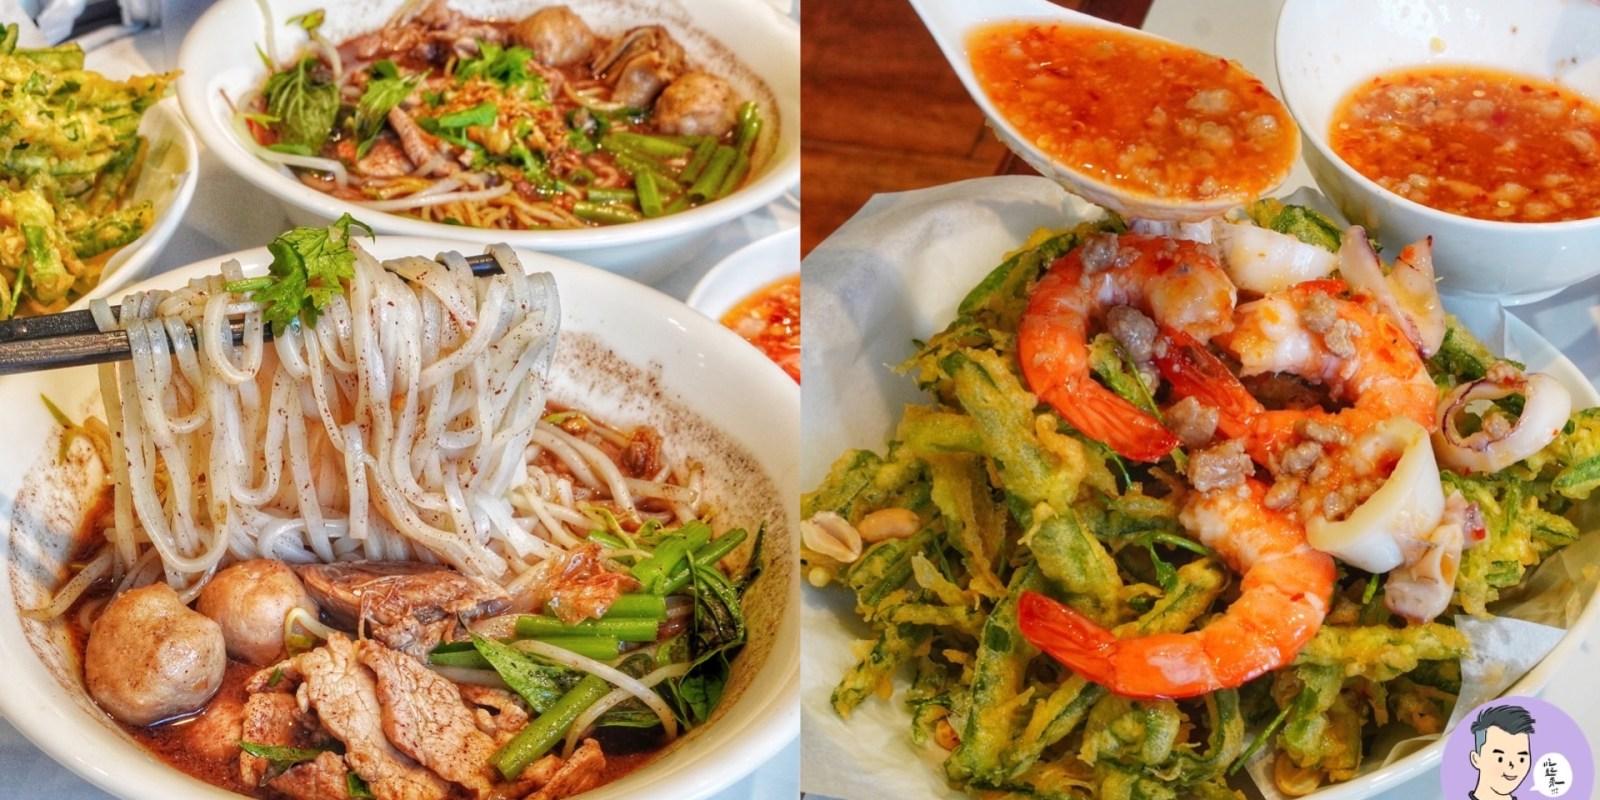 【台南美食】Musa泰國船麵 台南也有泰國船麵!可免費加湯 必點海鮮酥炸空心菜酸辣醬超讚